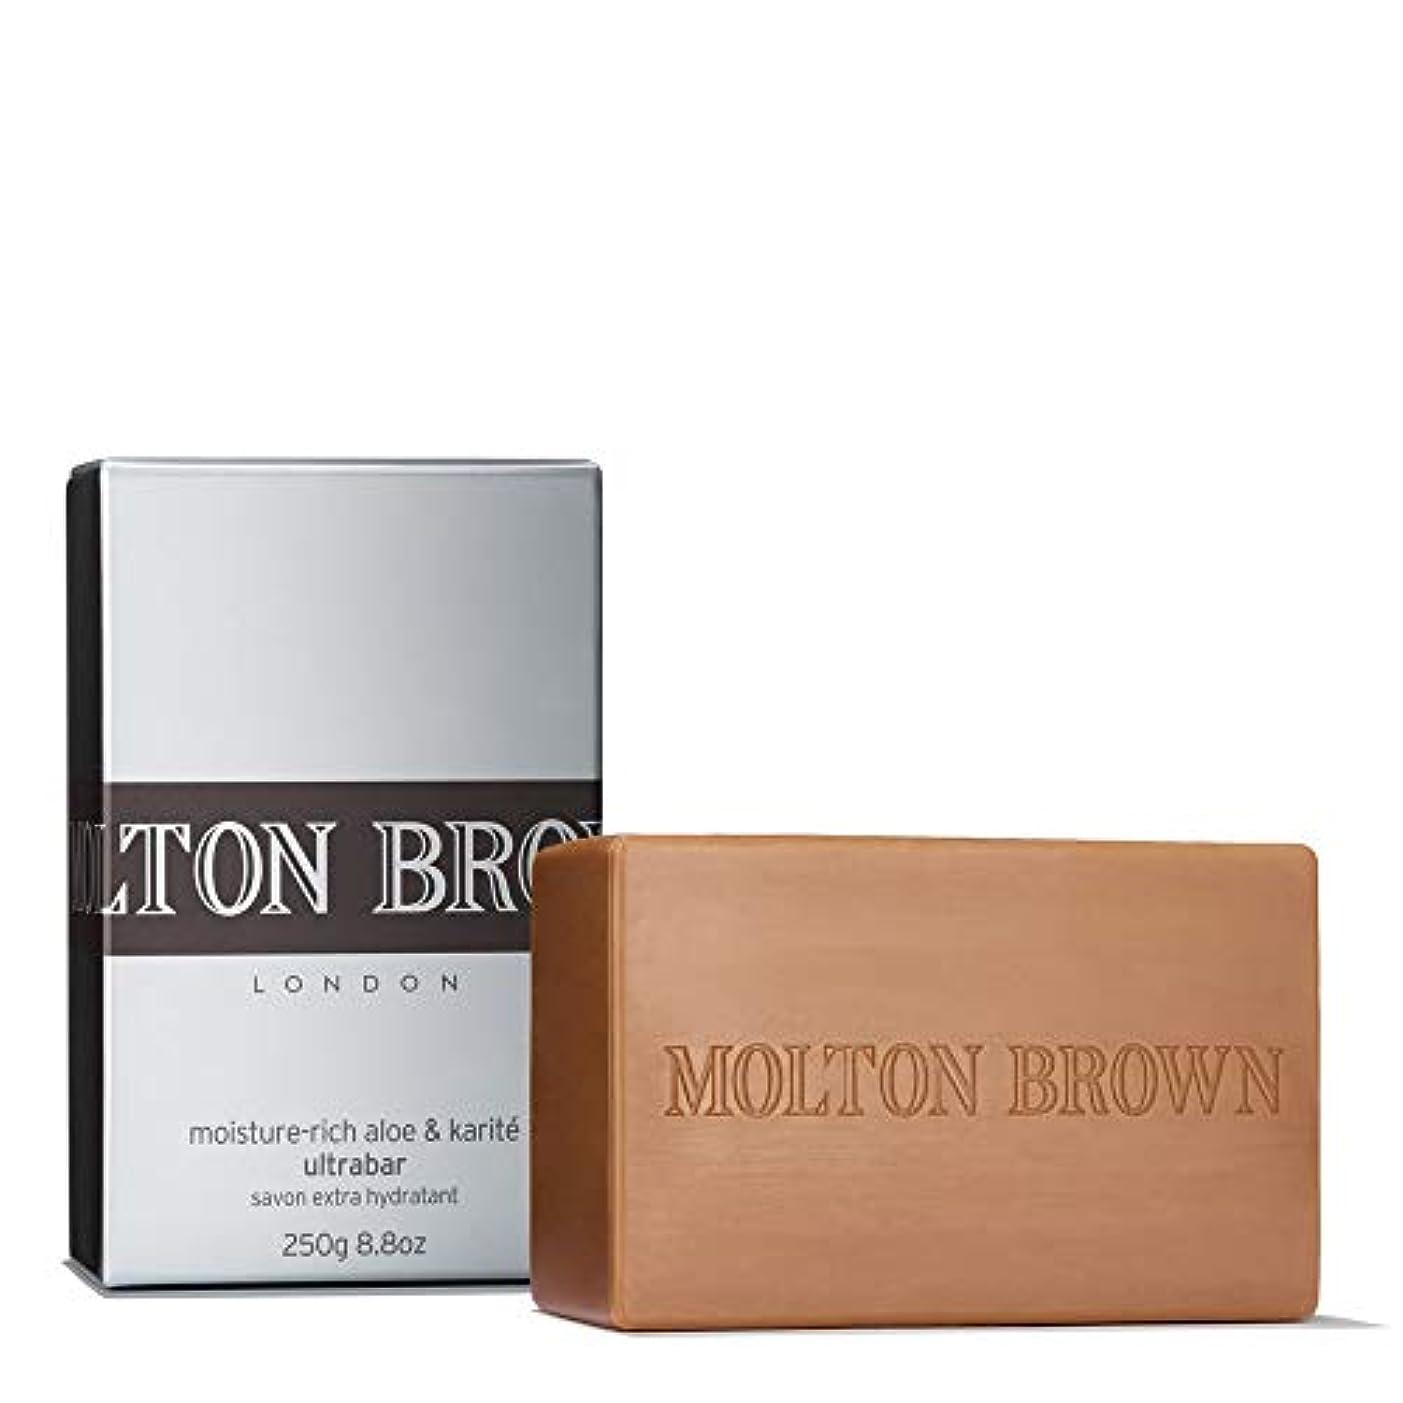 セールスマン依存精神医学MOLTON BROWN(モルトンブラウン) モイスチャーリッチ アロエ&カリテ ウルトラバー